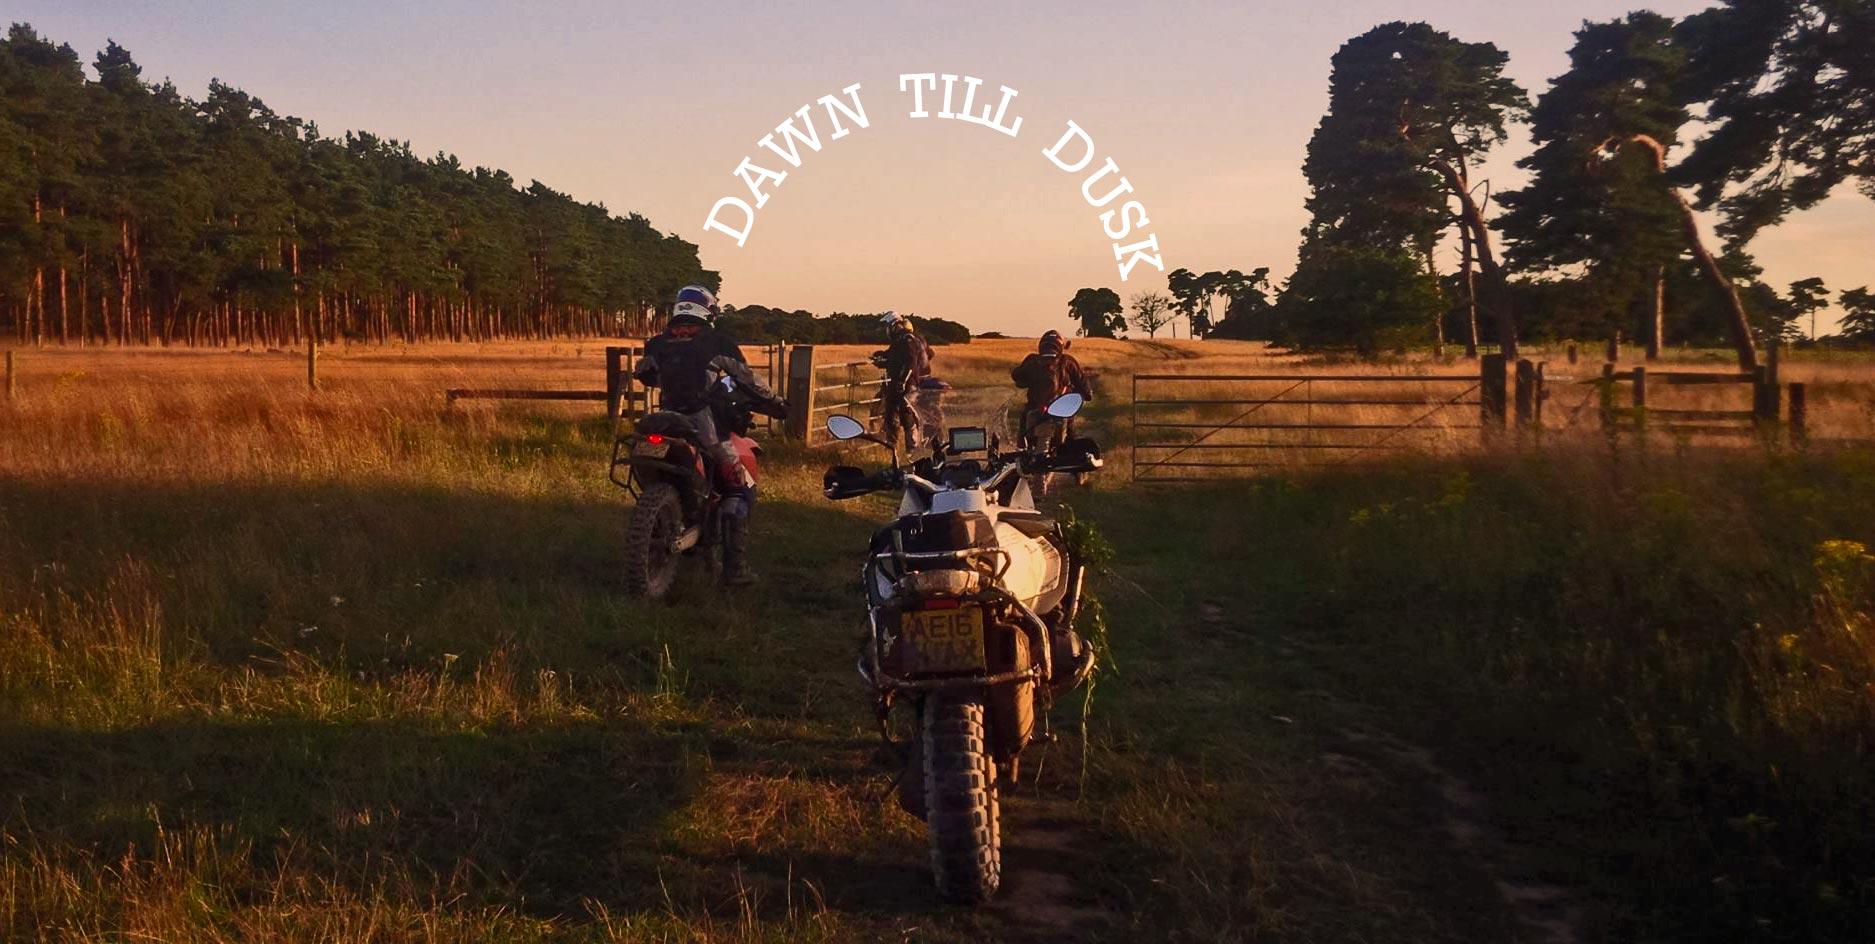 dawn-till-dusk-title-02